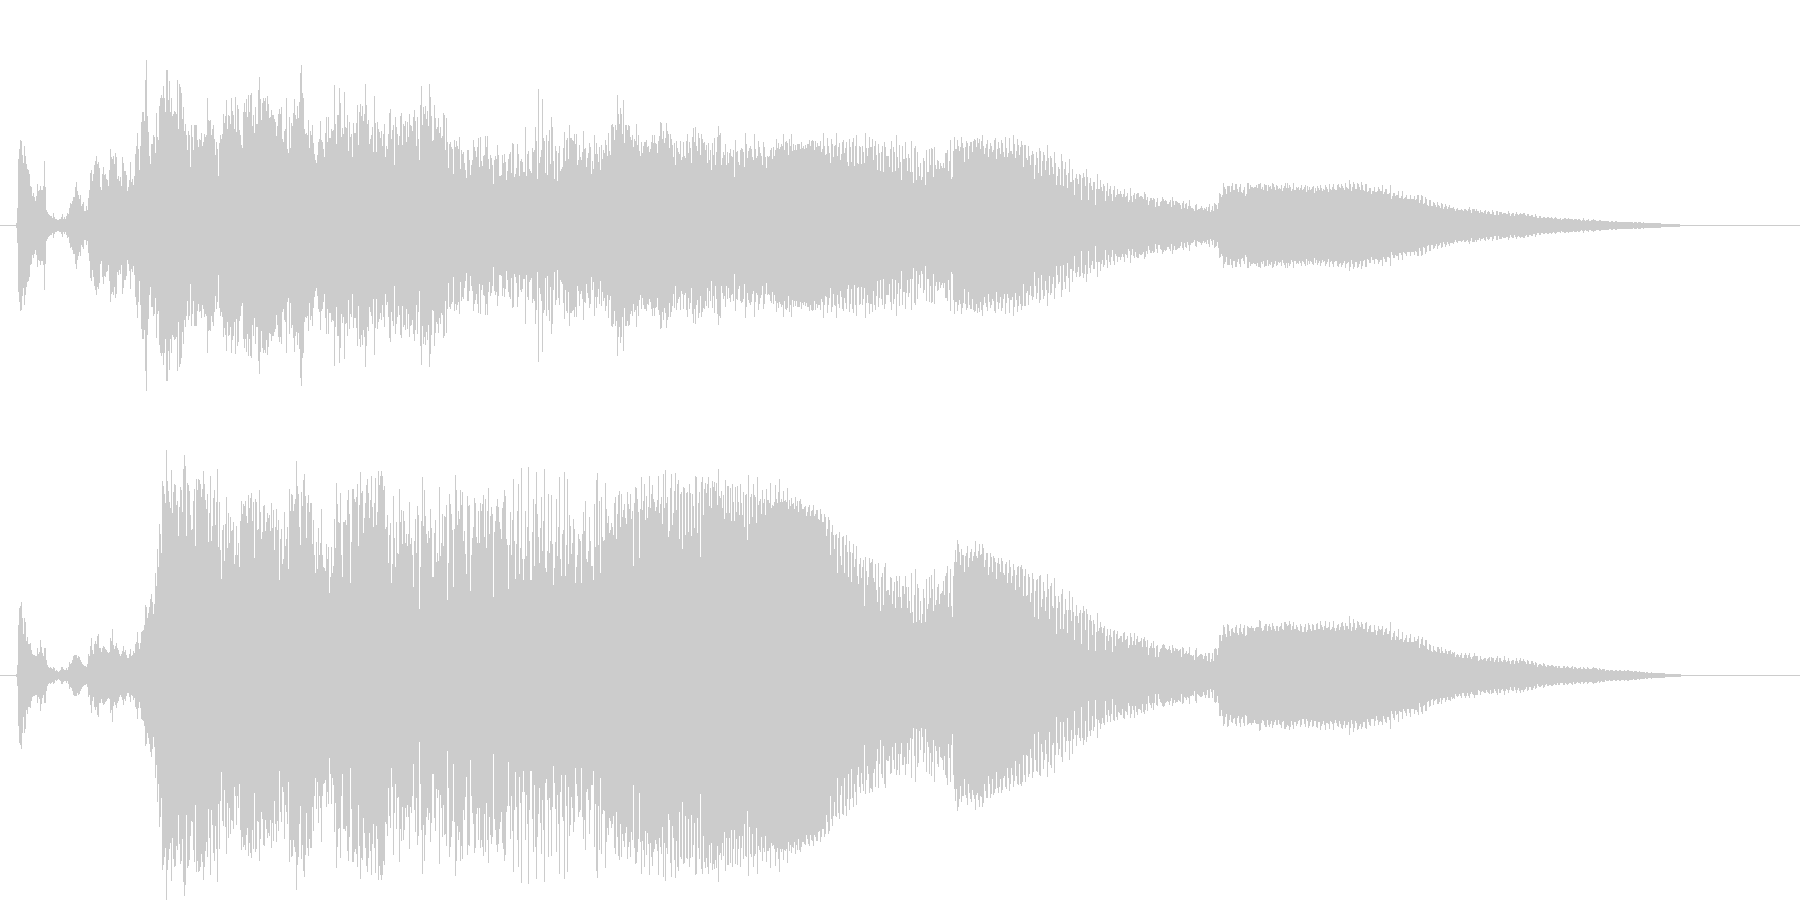 GTO;スタート/アウェイ;始動前...の未再生の波形